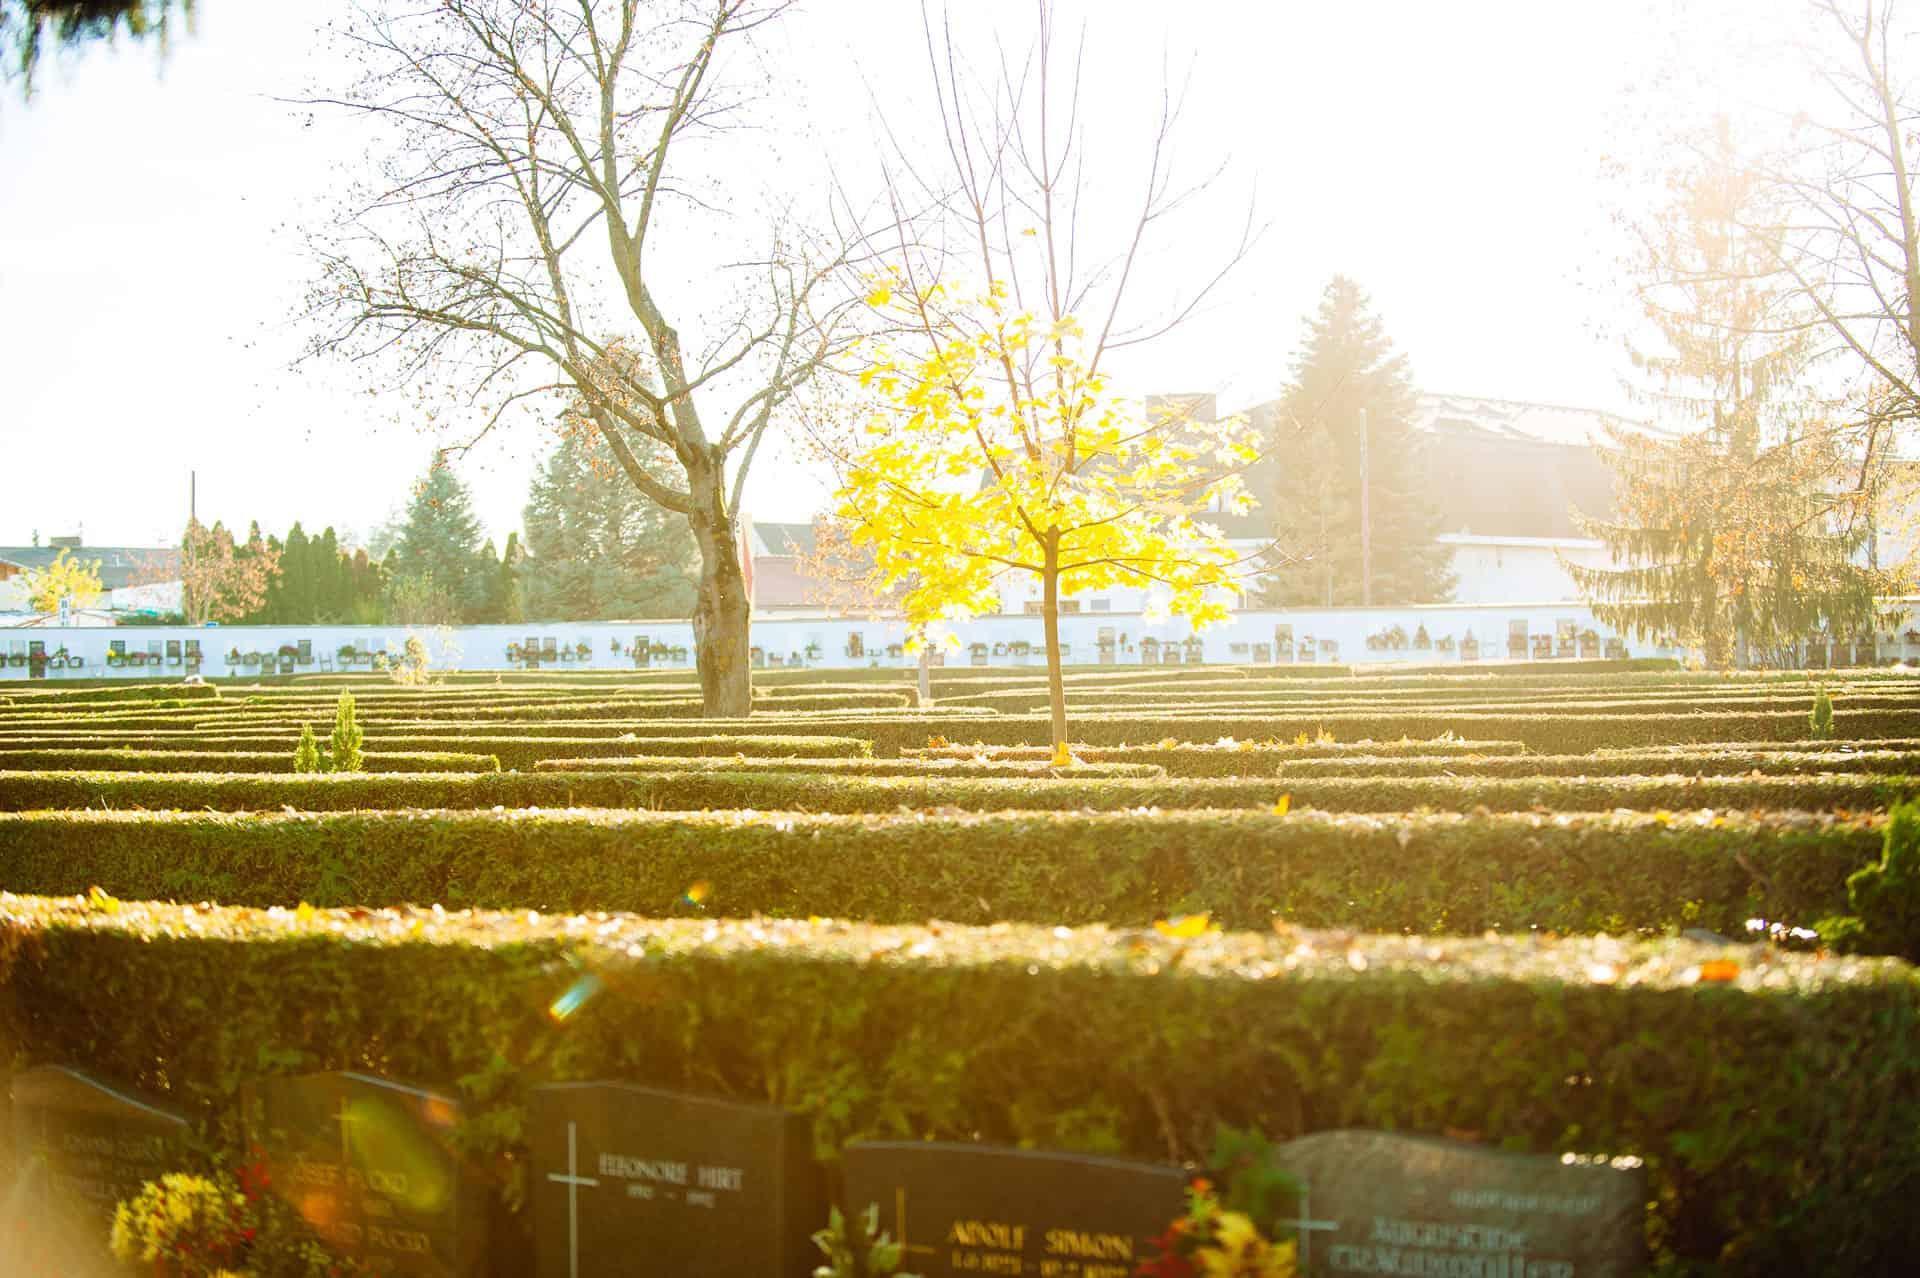 Holding Graz Bestattung - Urnenfriedhof - Bestattung - Feuerbestattung - Bestattung Graz 10